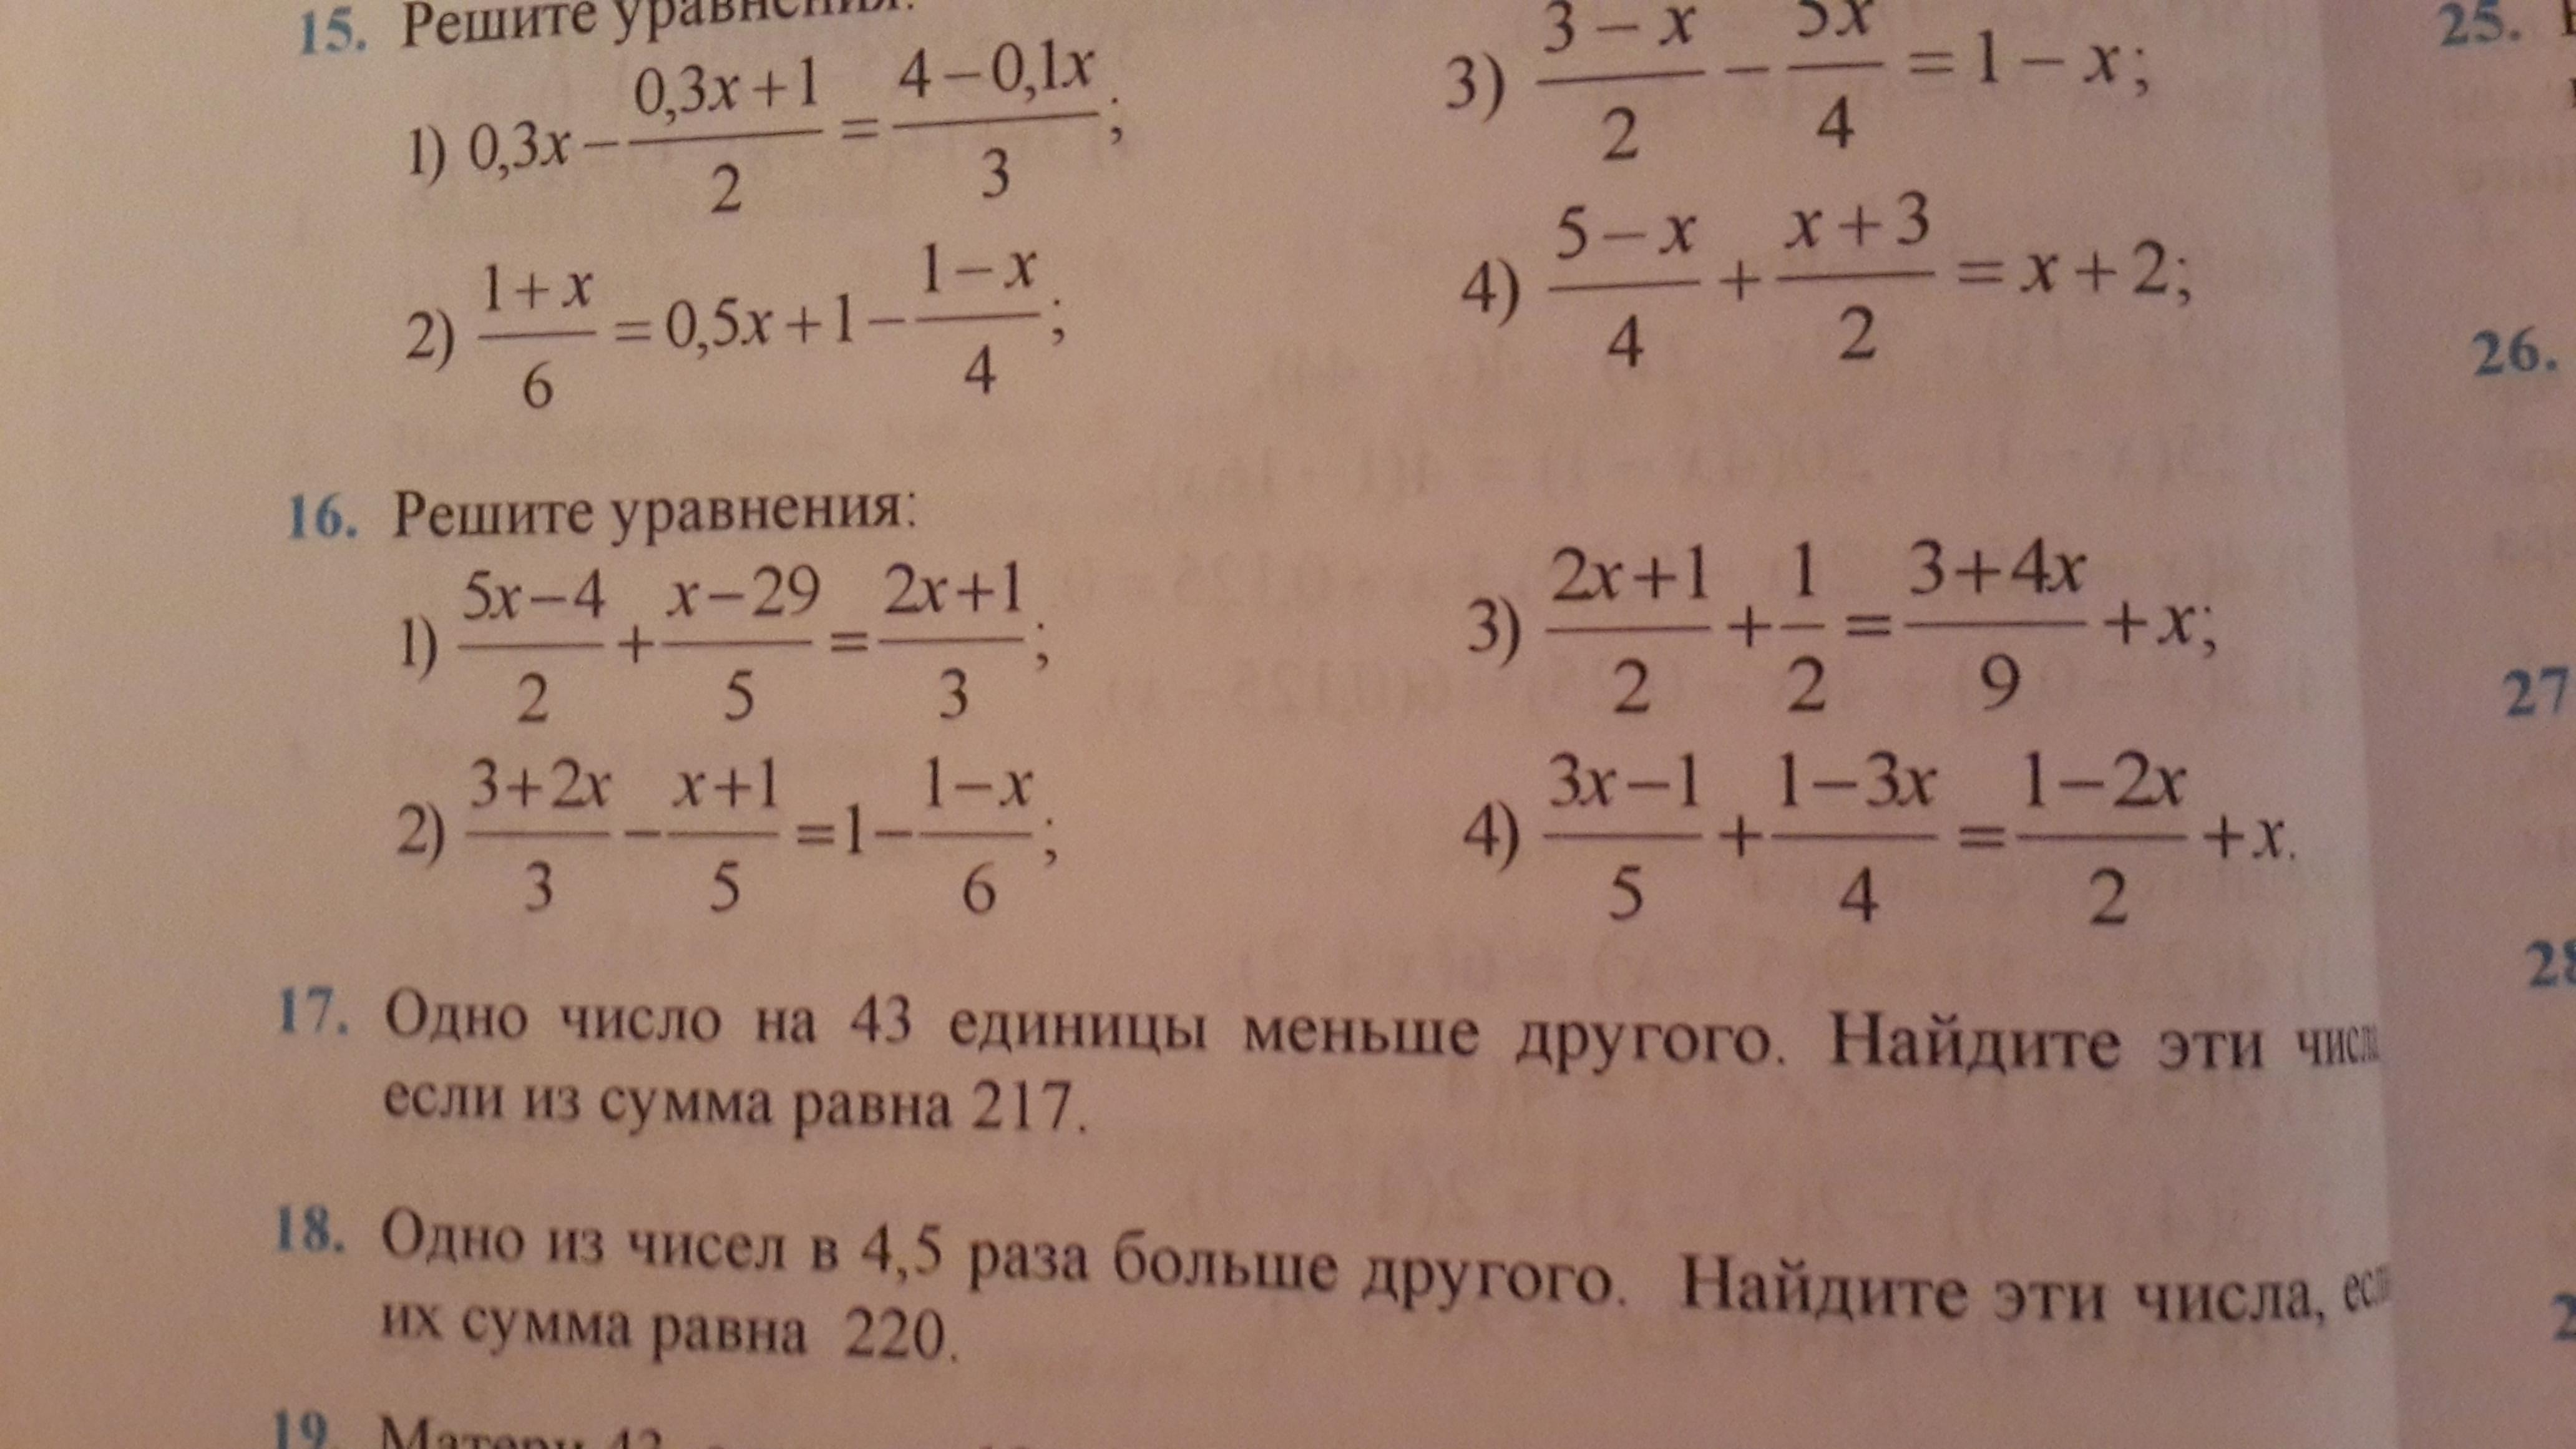 Помогите решить уравнение номер 16 . Пожалуйста